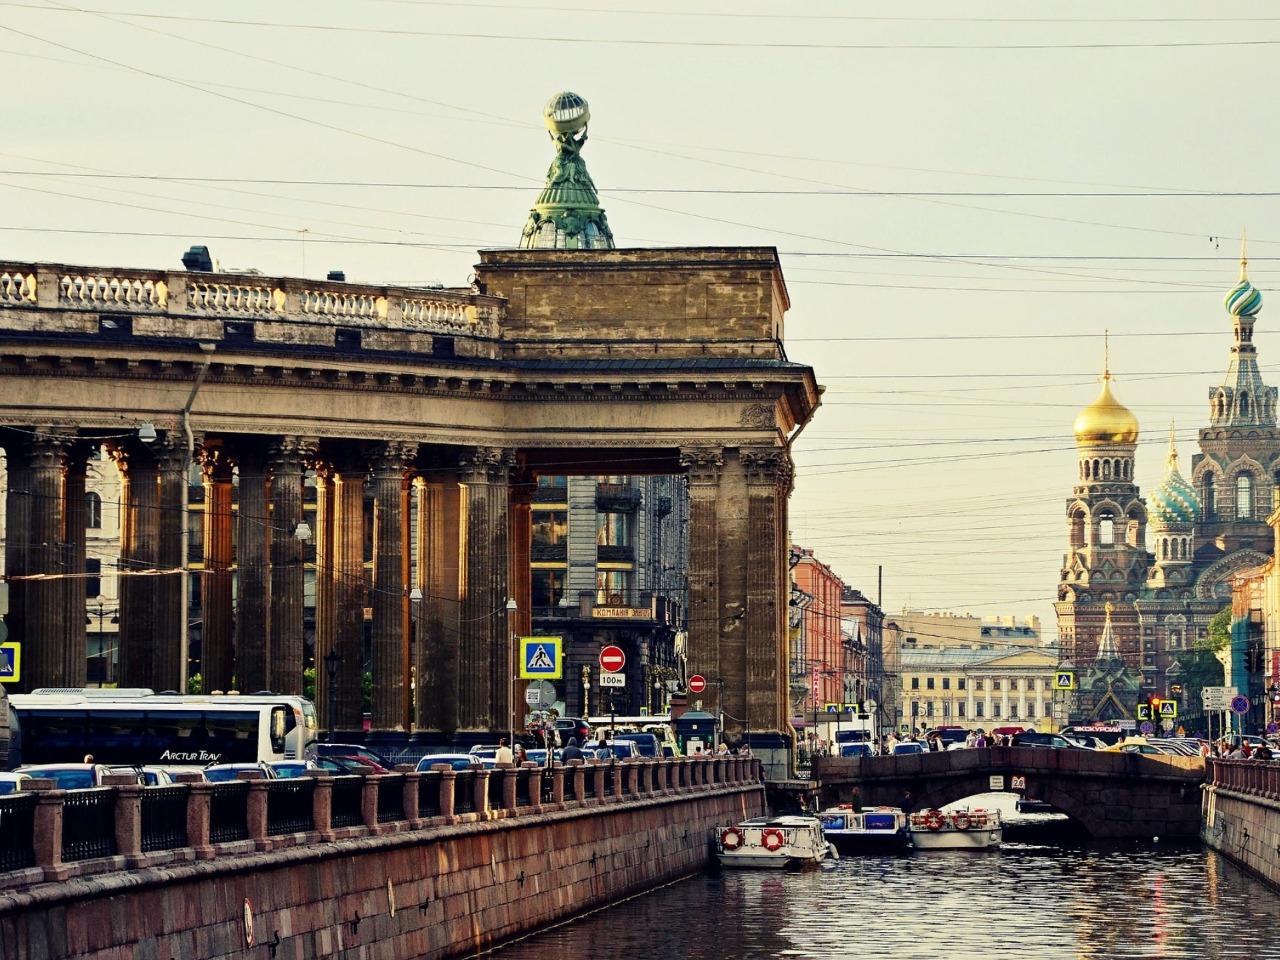 Пешком по Петербургу - индивидуальная экскурсия по Санкт-Петербургу от опытного гида